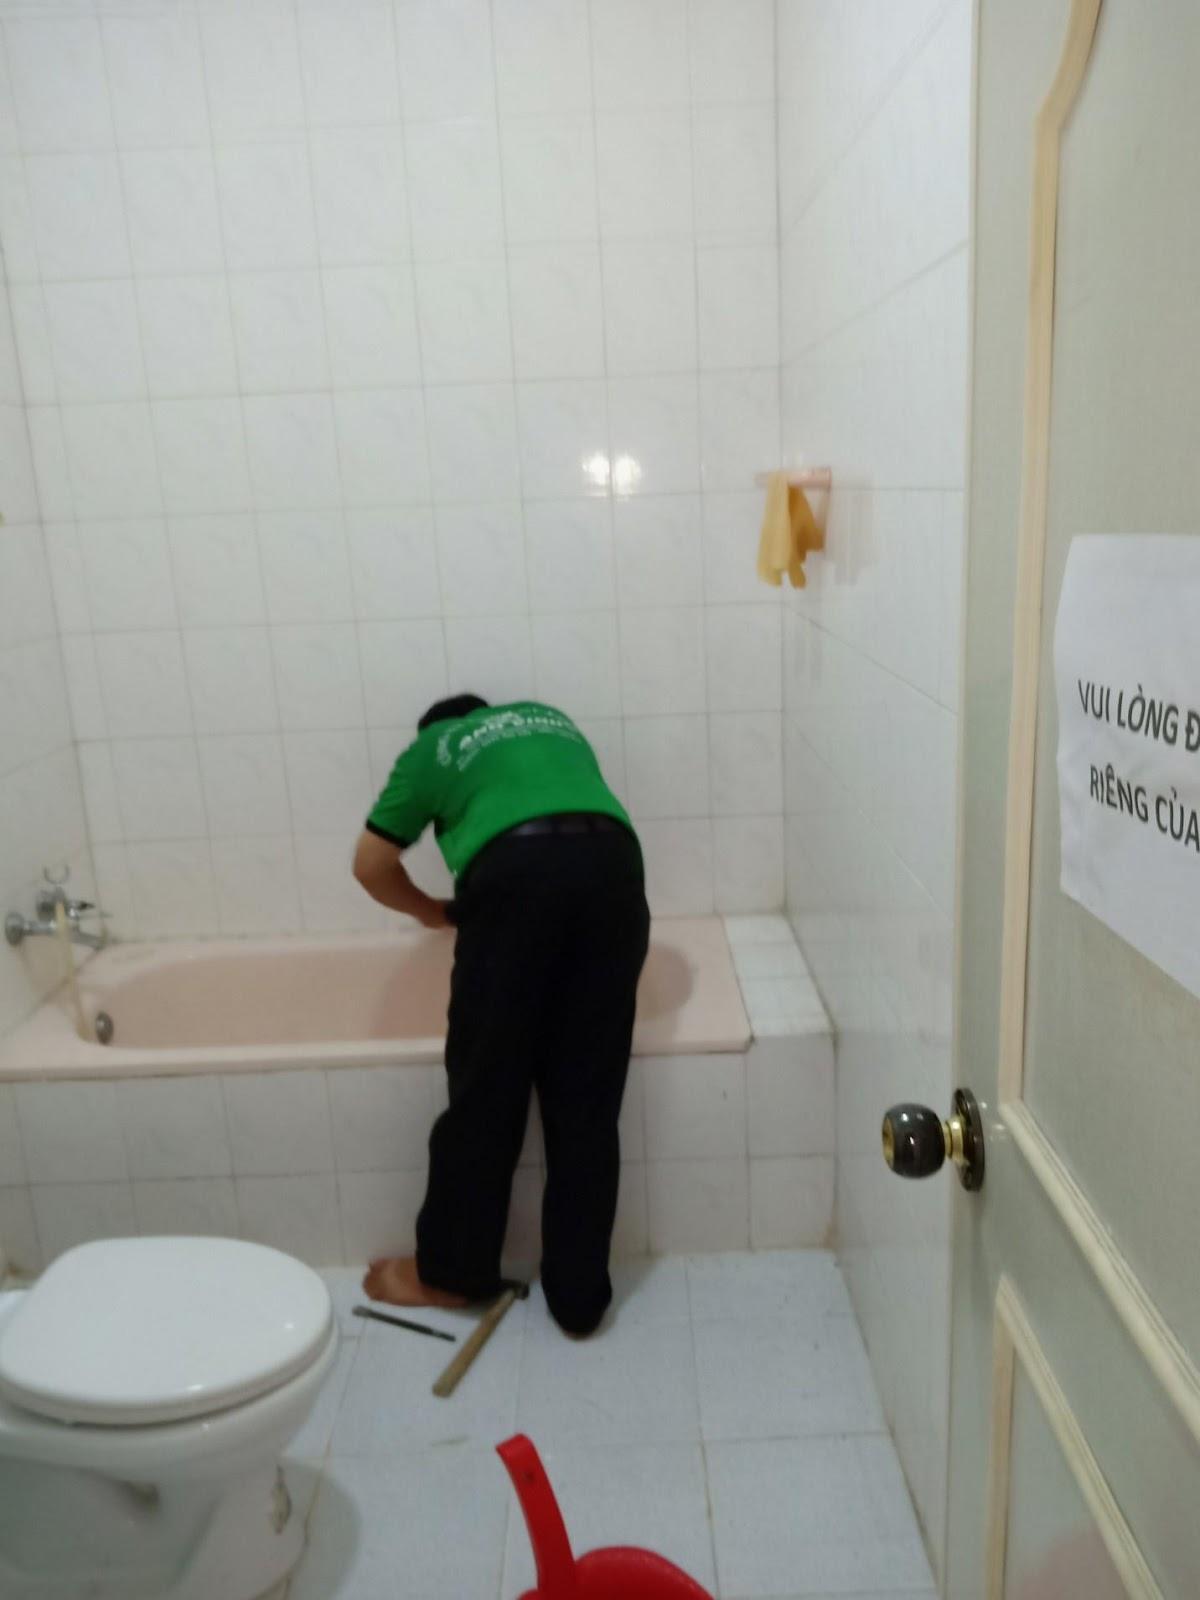 6 cách thông nghẹt bồn rửa chén nhanh nhất mà bạn nên biết